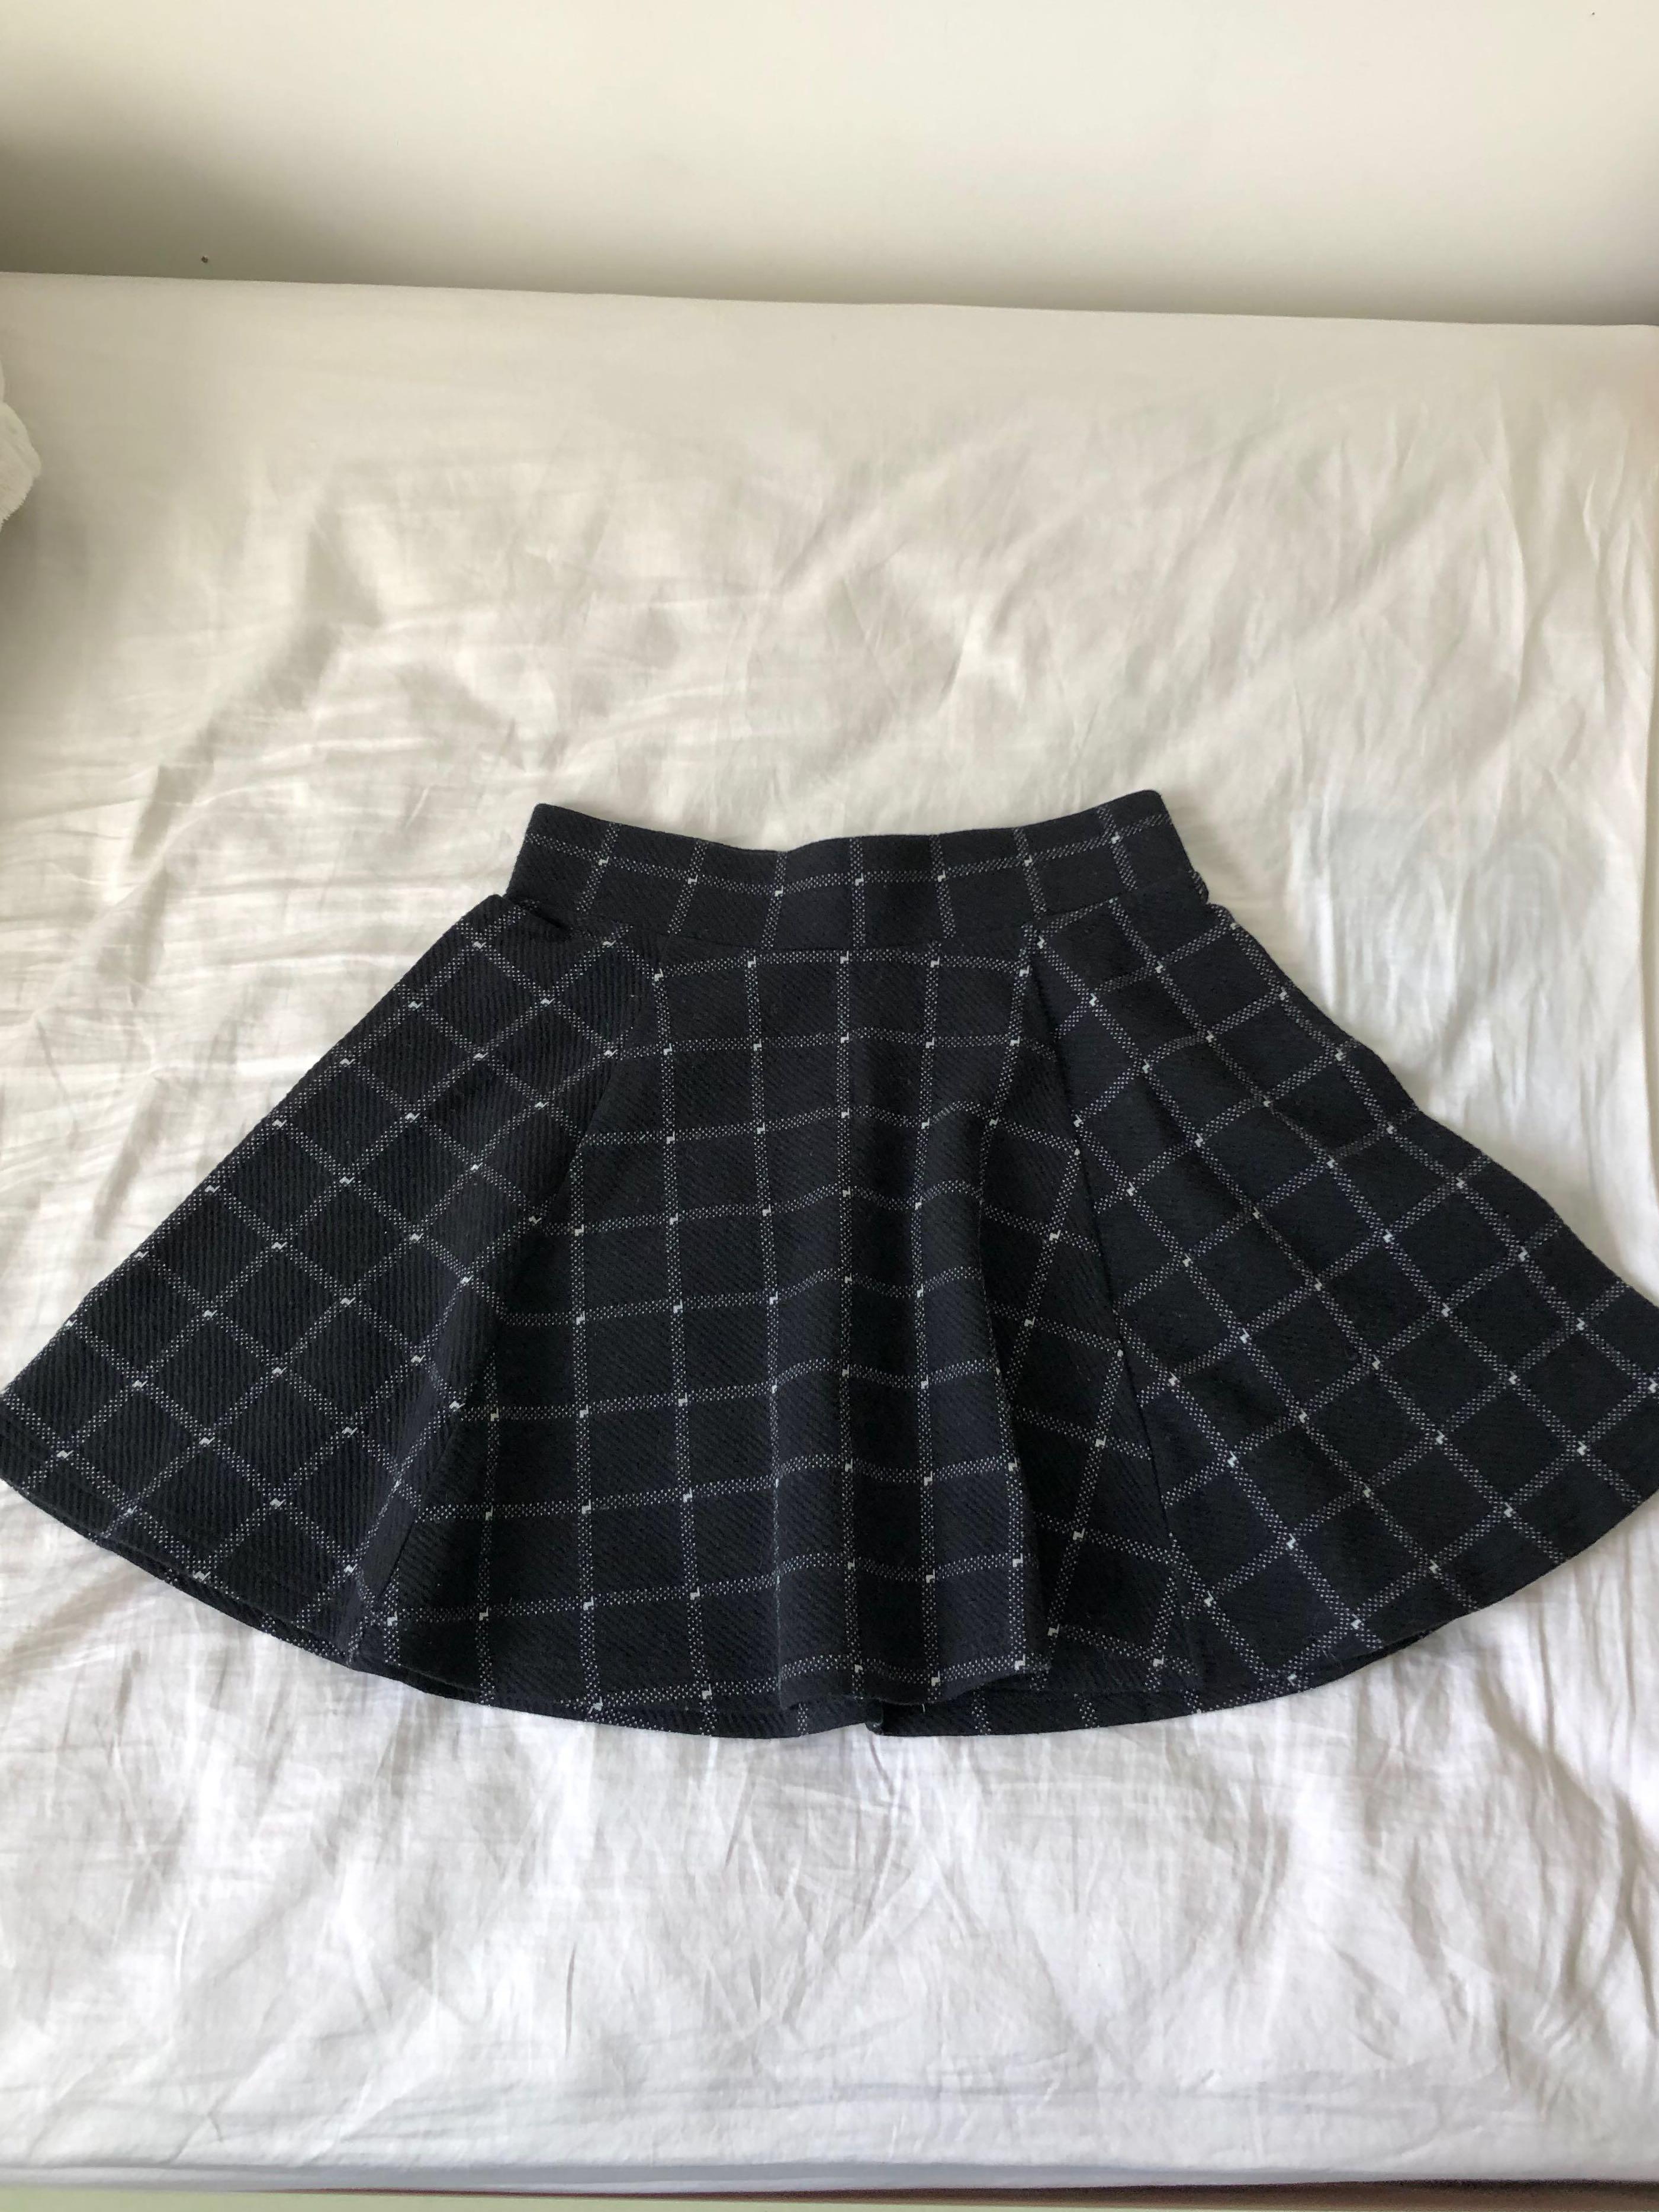 Black & white plaid flared flirty skirt